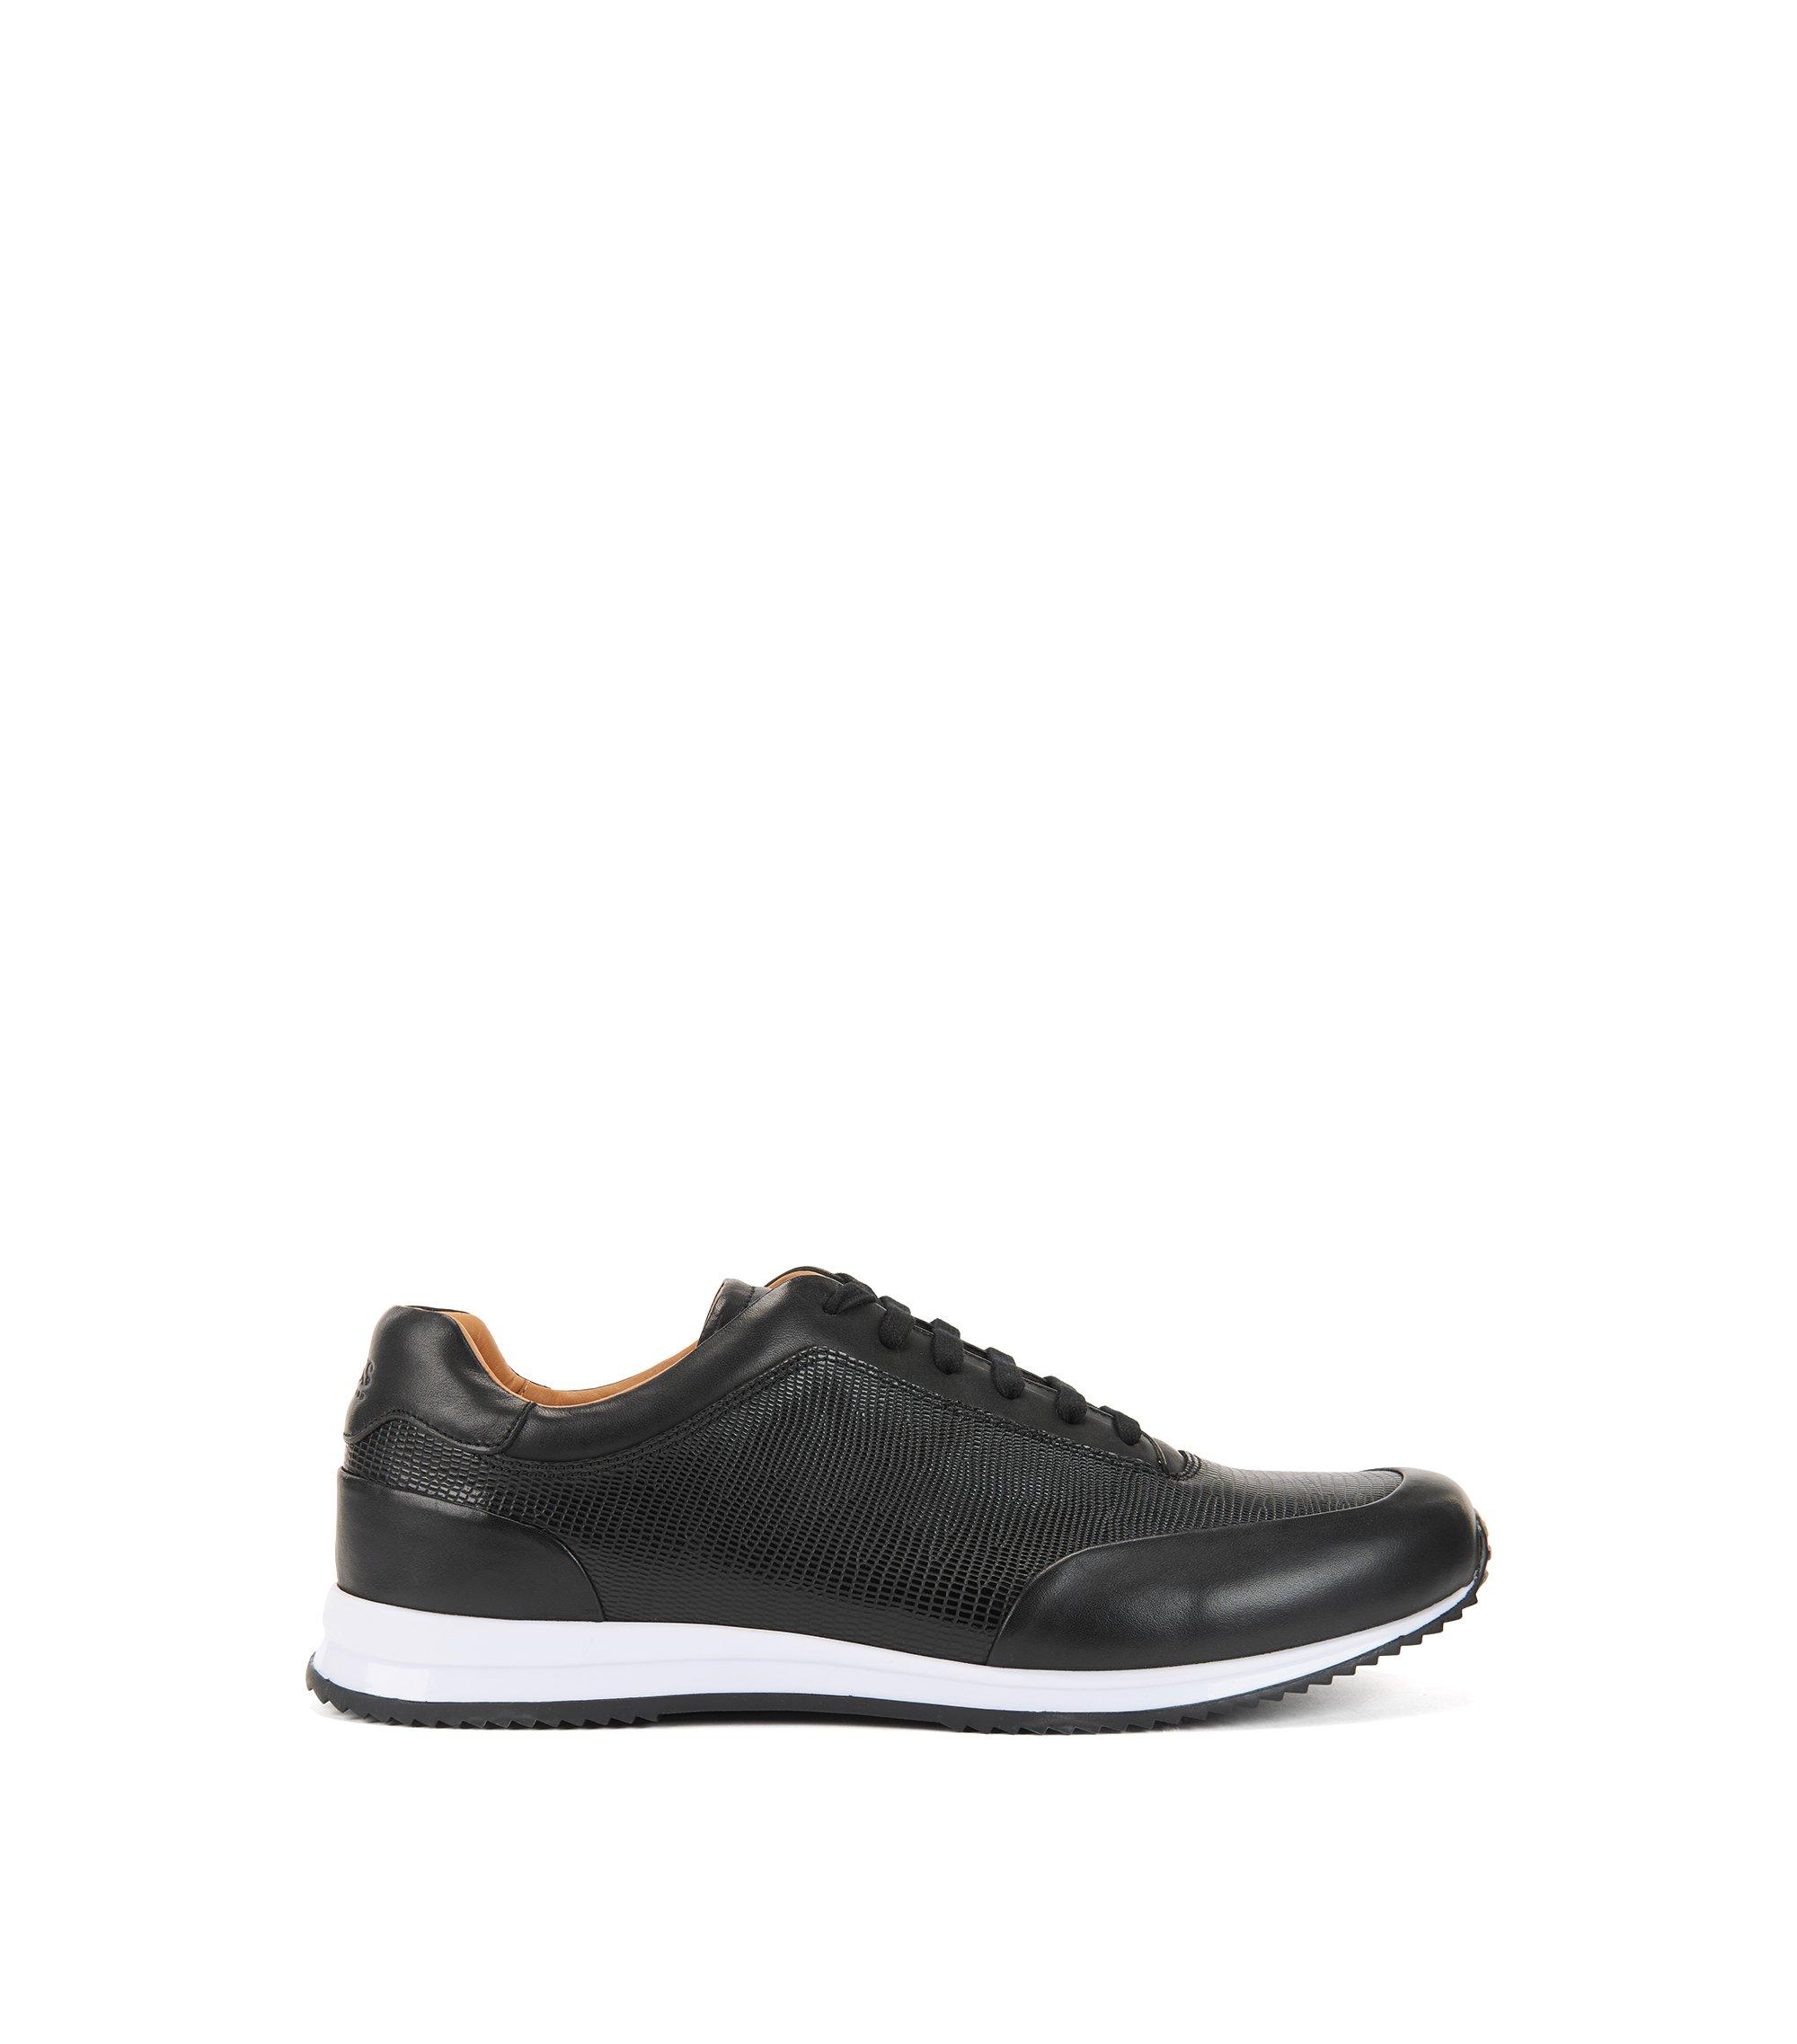 Car Shoe Rubberized leather slip-on sneakers